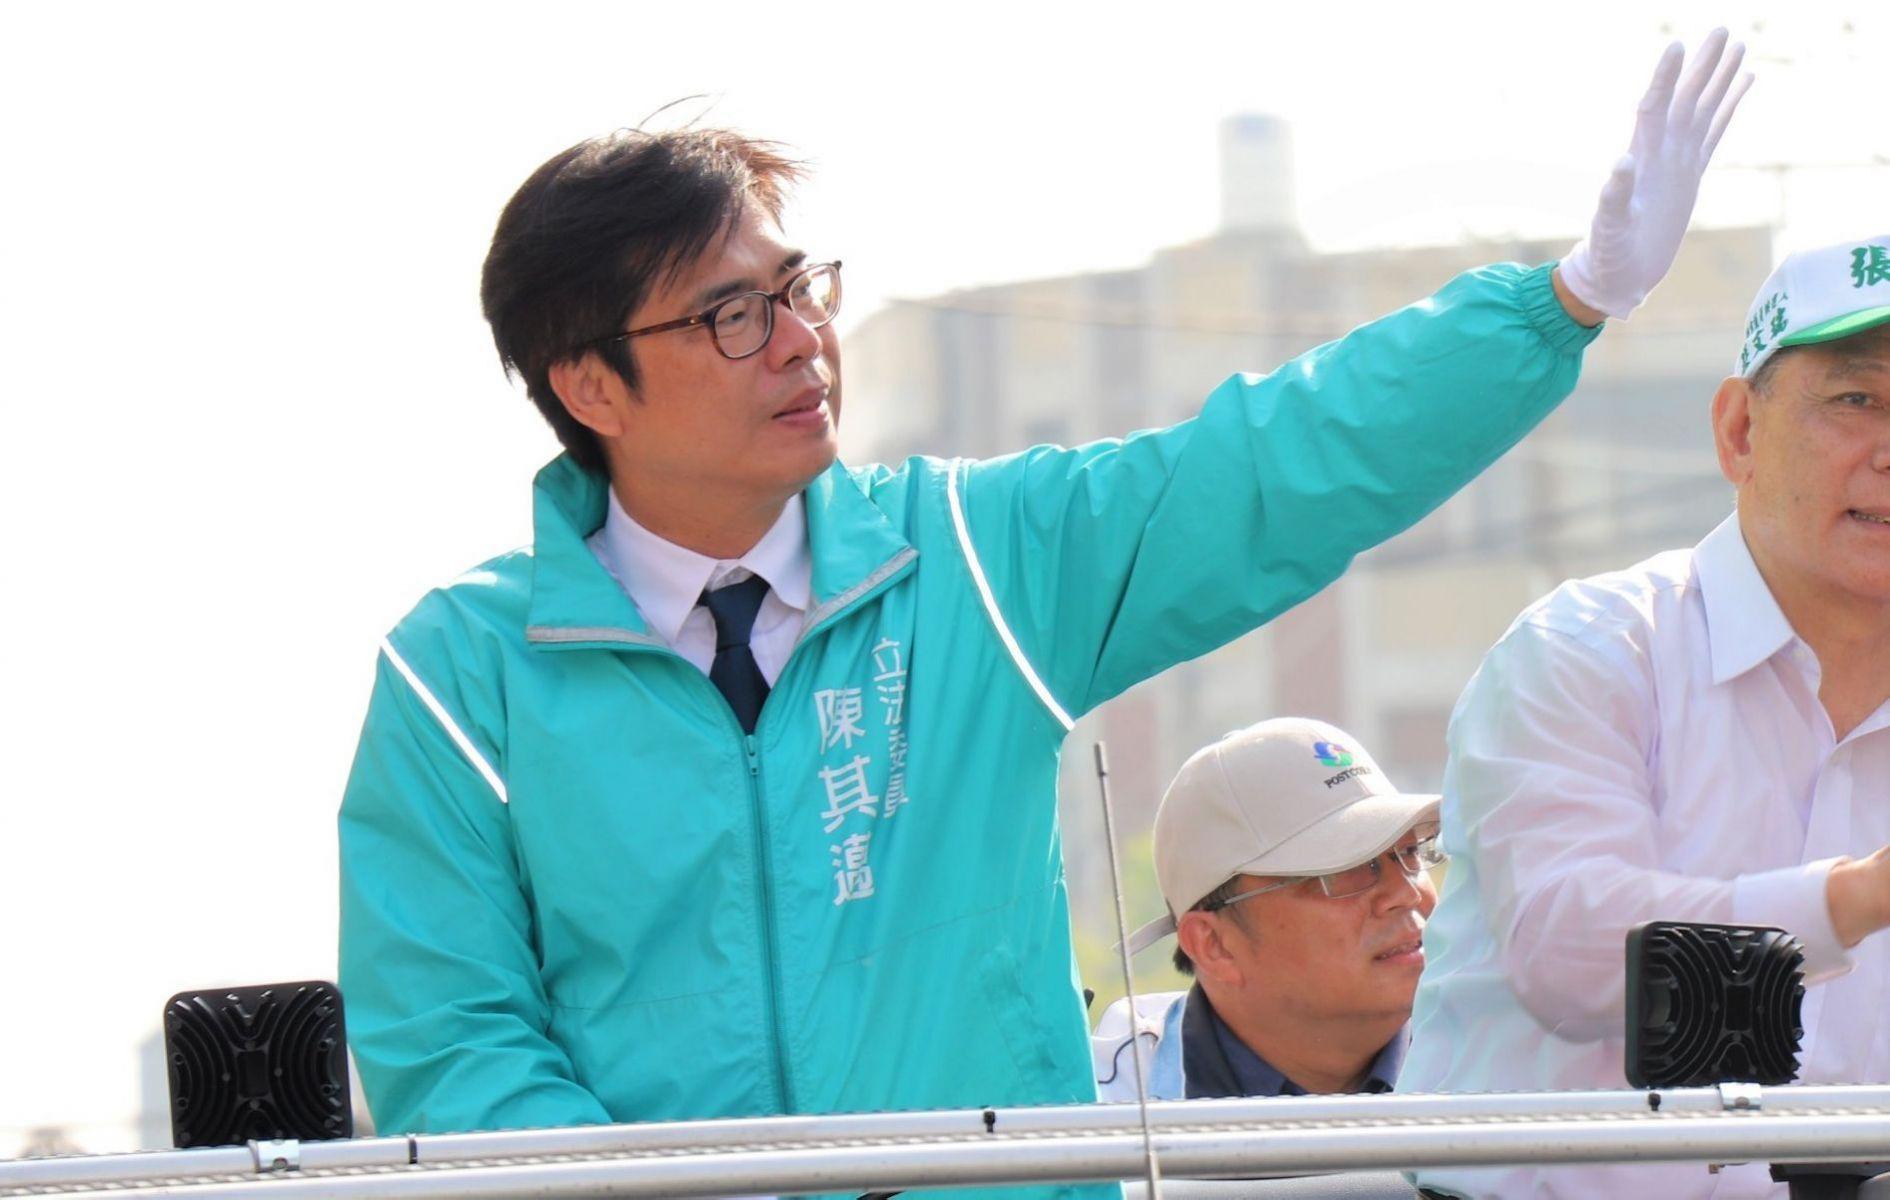 初選無懸念勝出 陳其邁:團結才能成就高雄